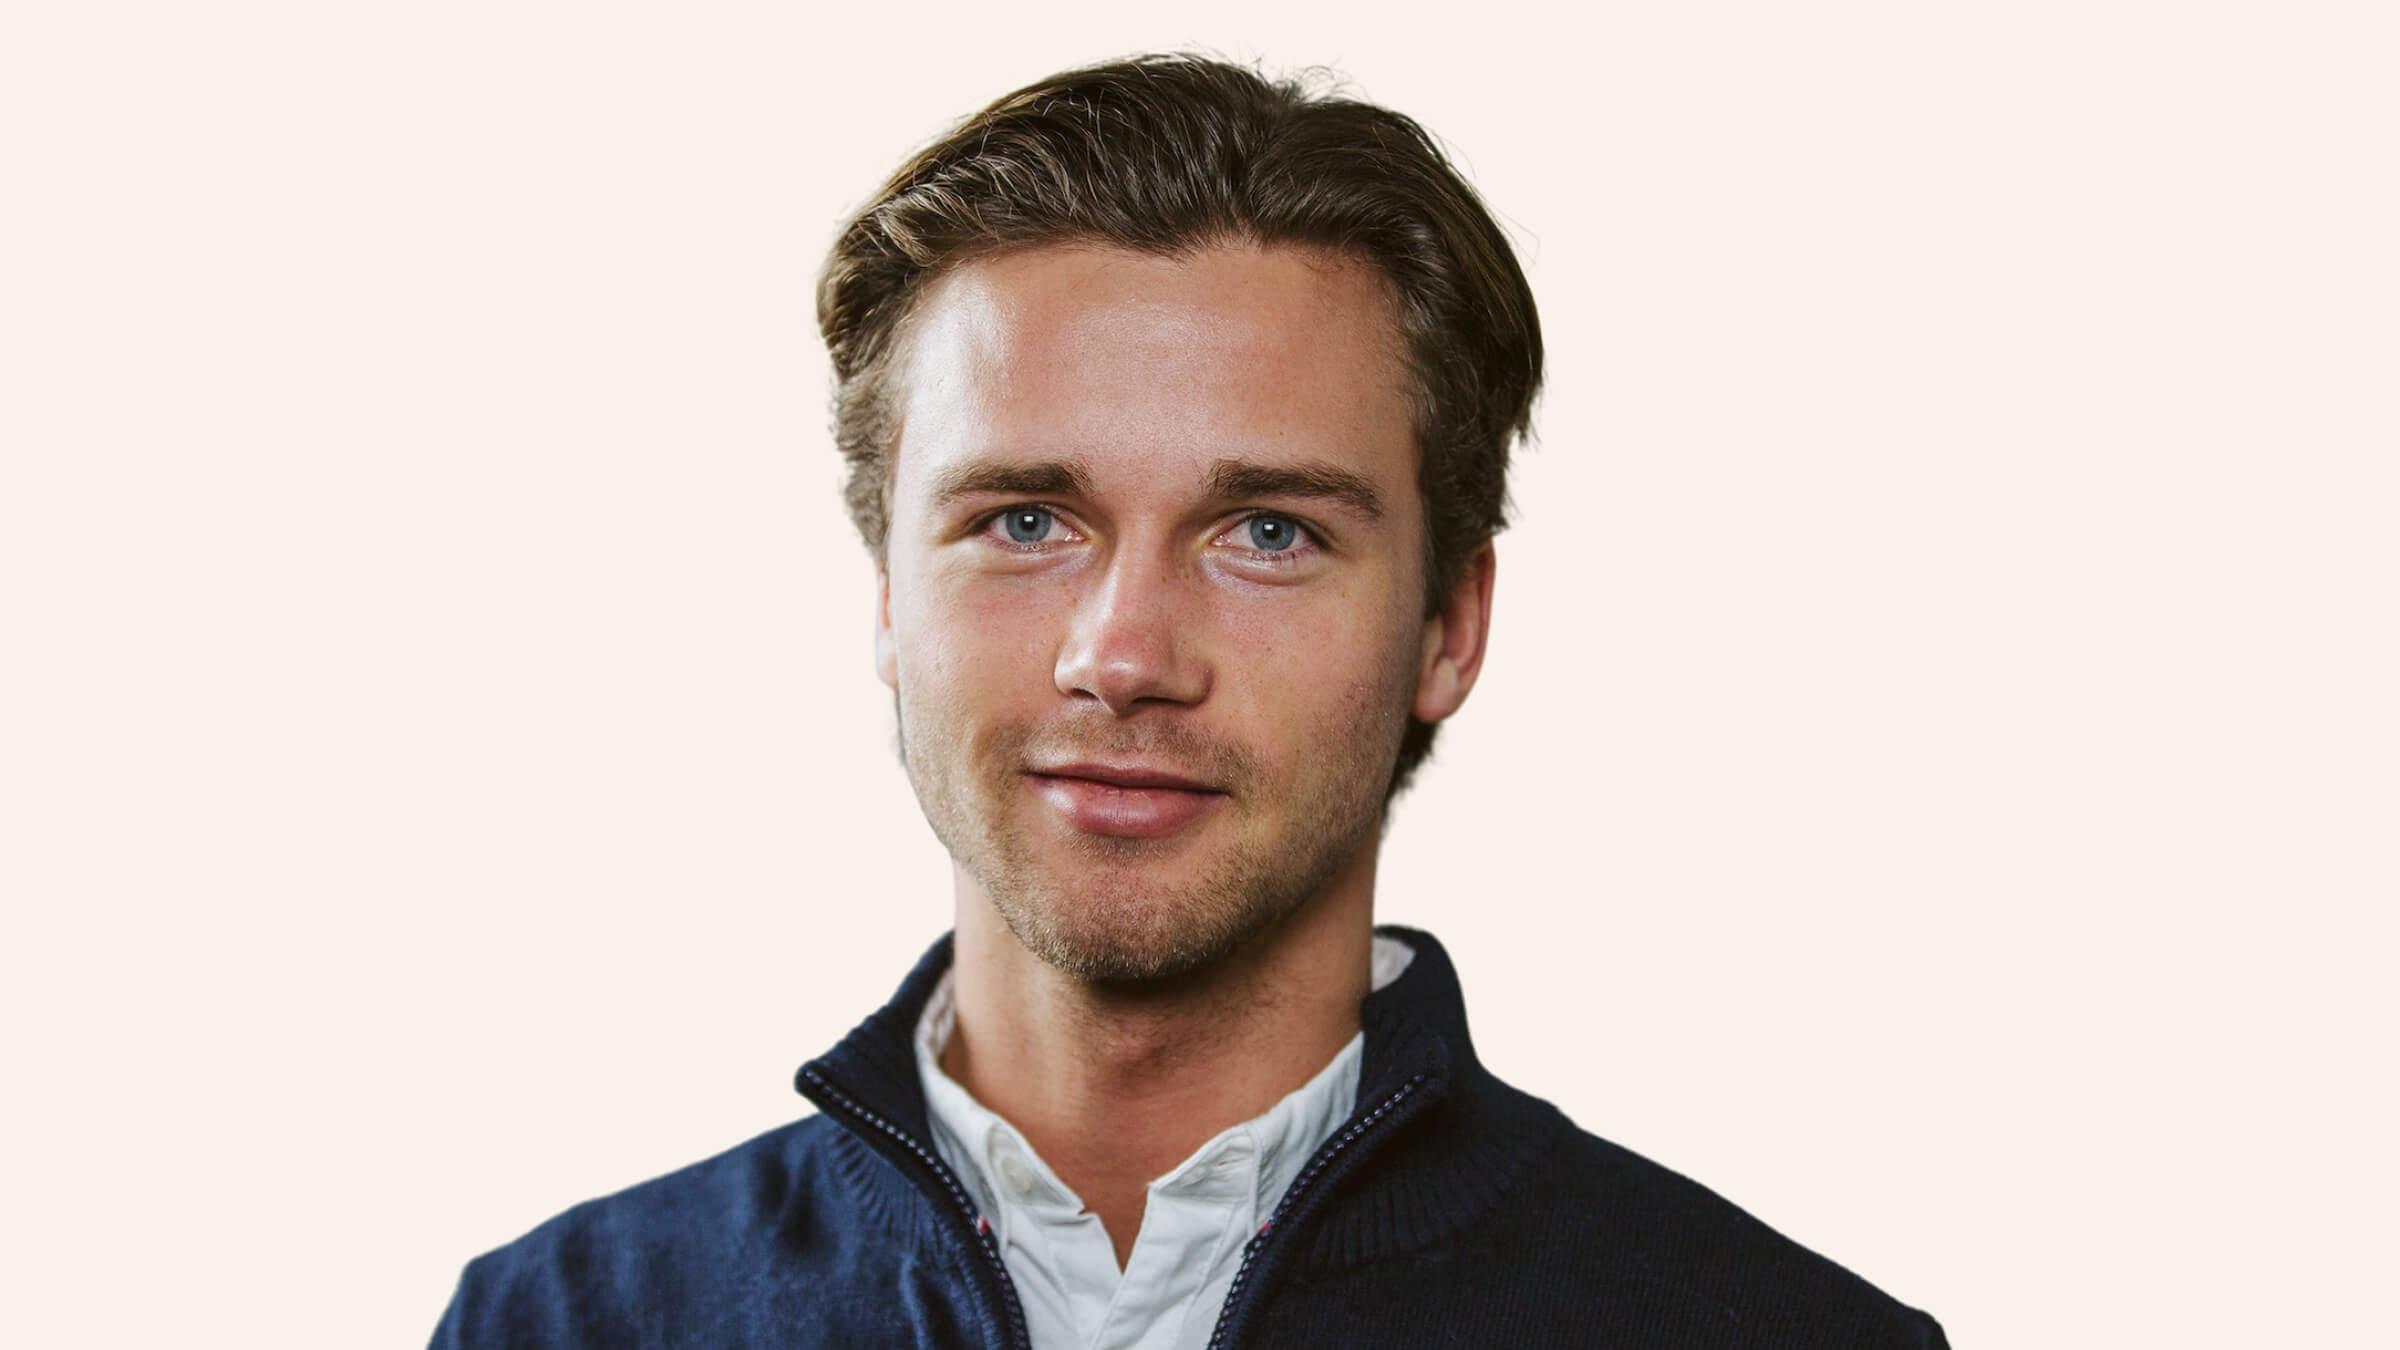 Marius Haukelidsæter